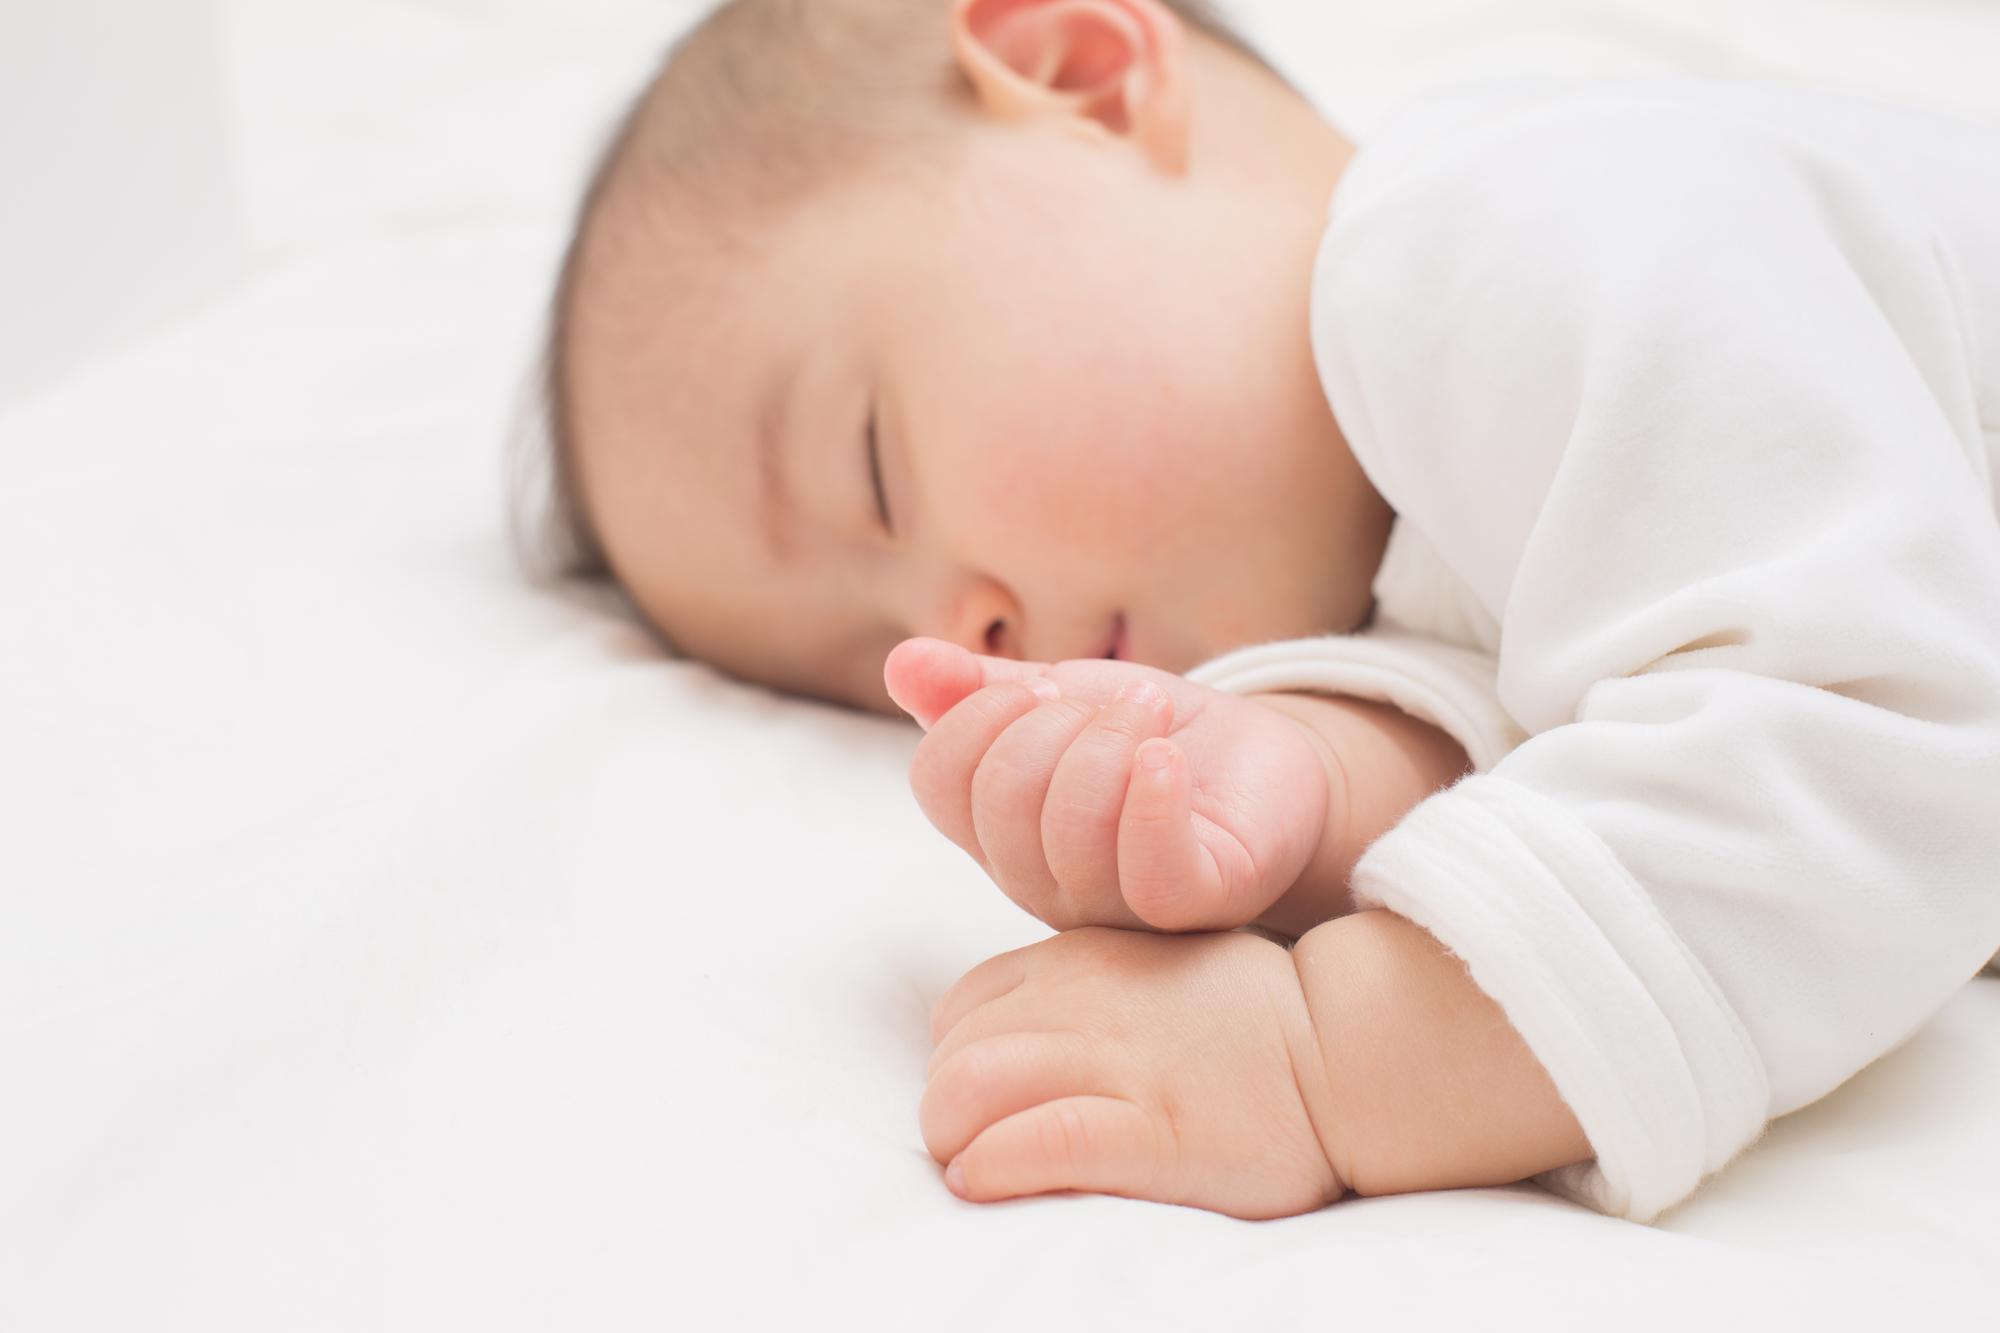 【赤ちゃんのアトピー予防】いつわかる?見分け方は?初期症状(耳切れ/鳥肌のようなブツブツ/カサカサ)の対処も